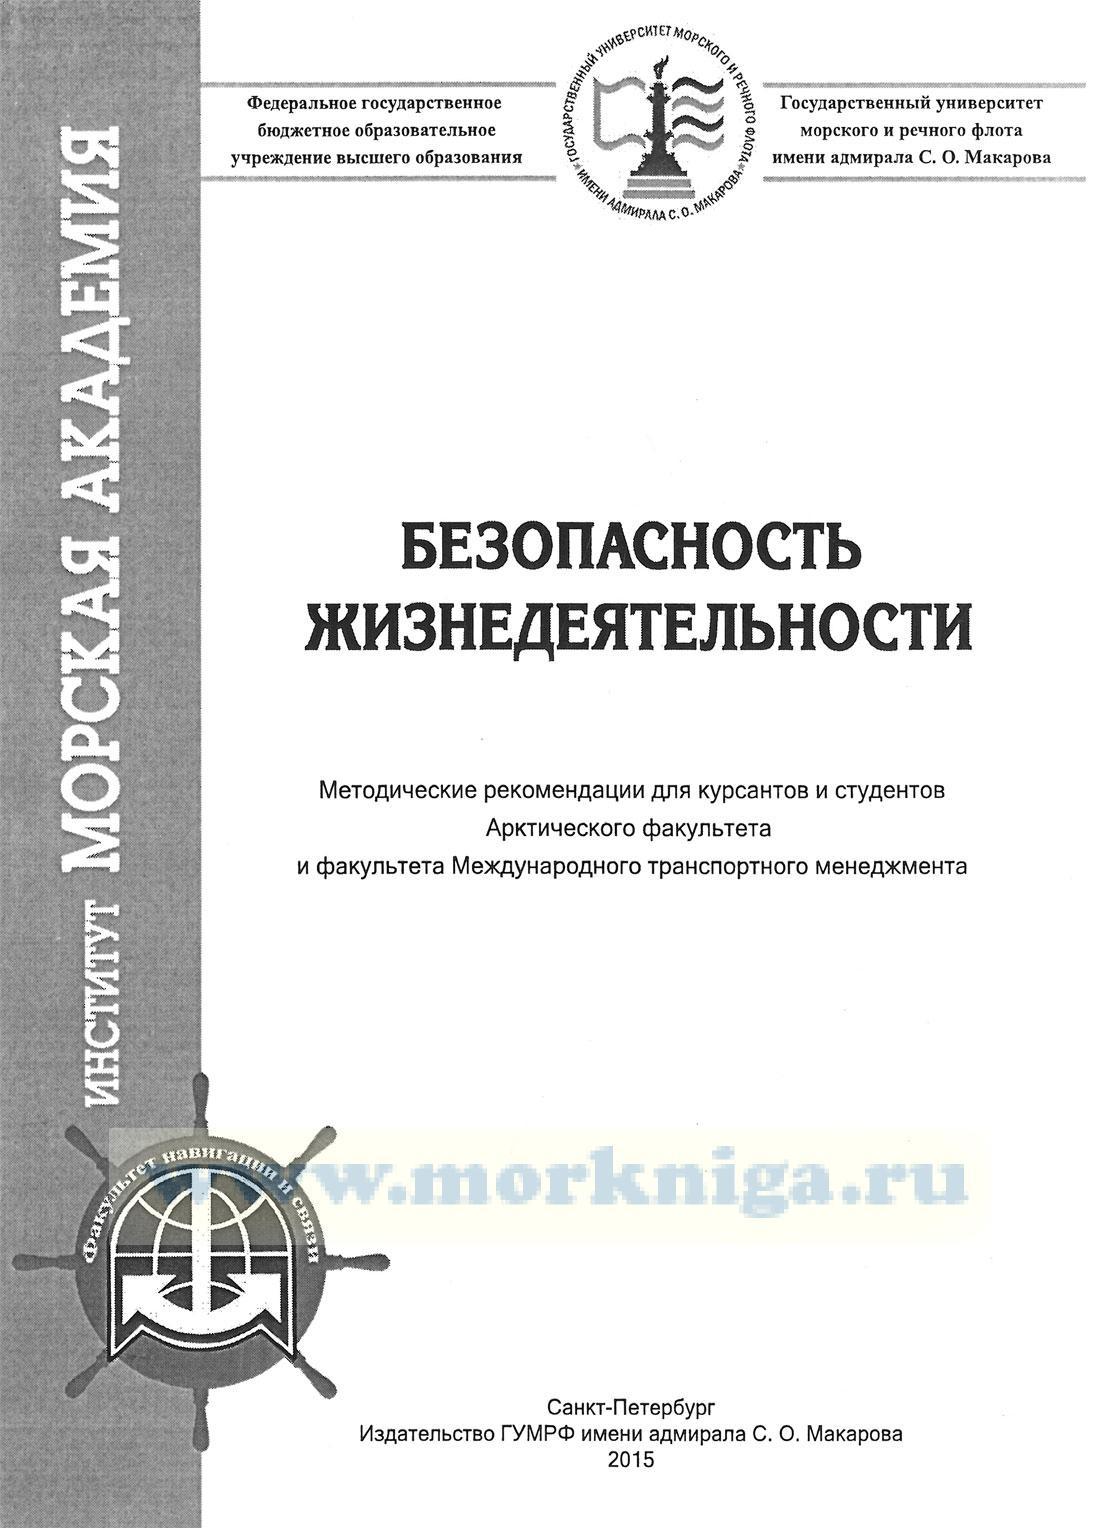 Безопасность жизнедеятельности: методические рекомендации (2-е издание, исправленное и дополненное)